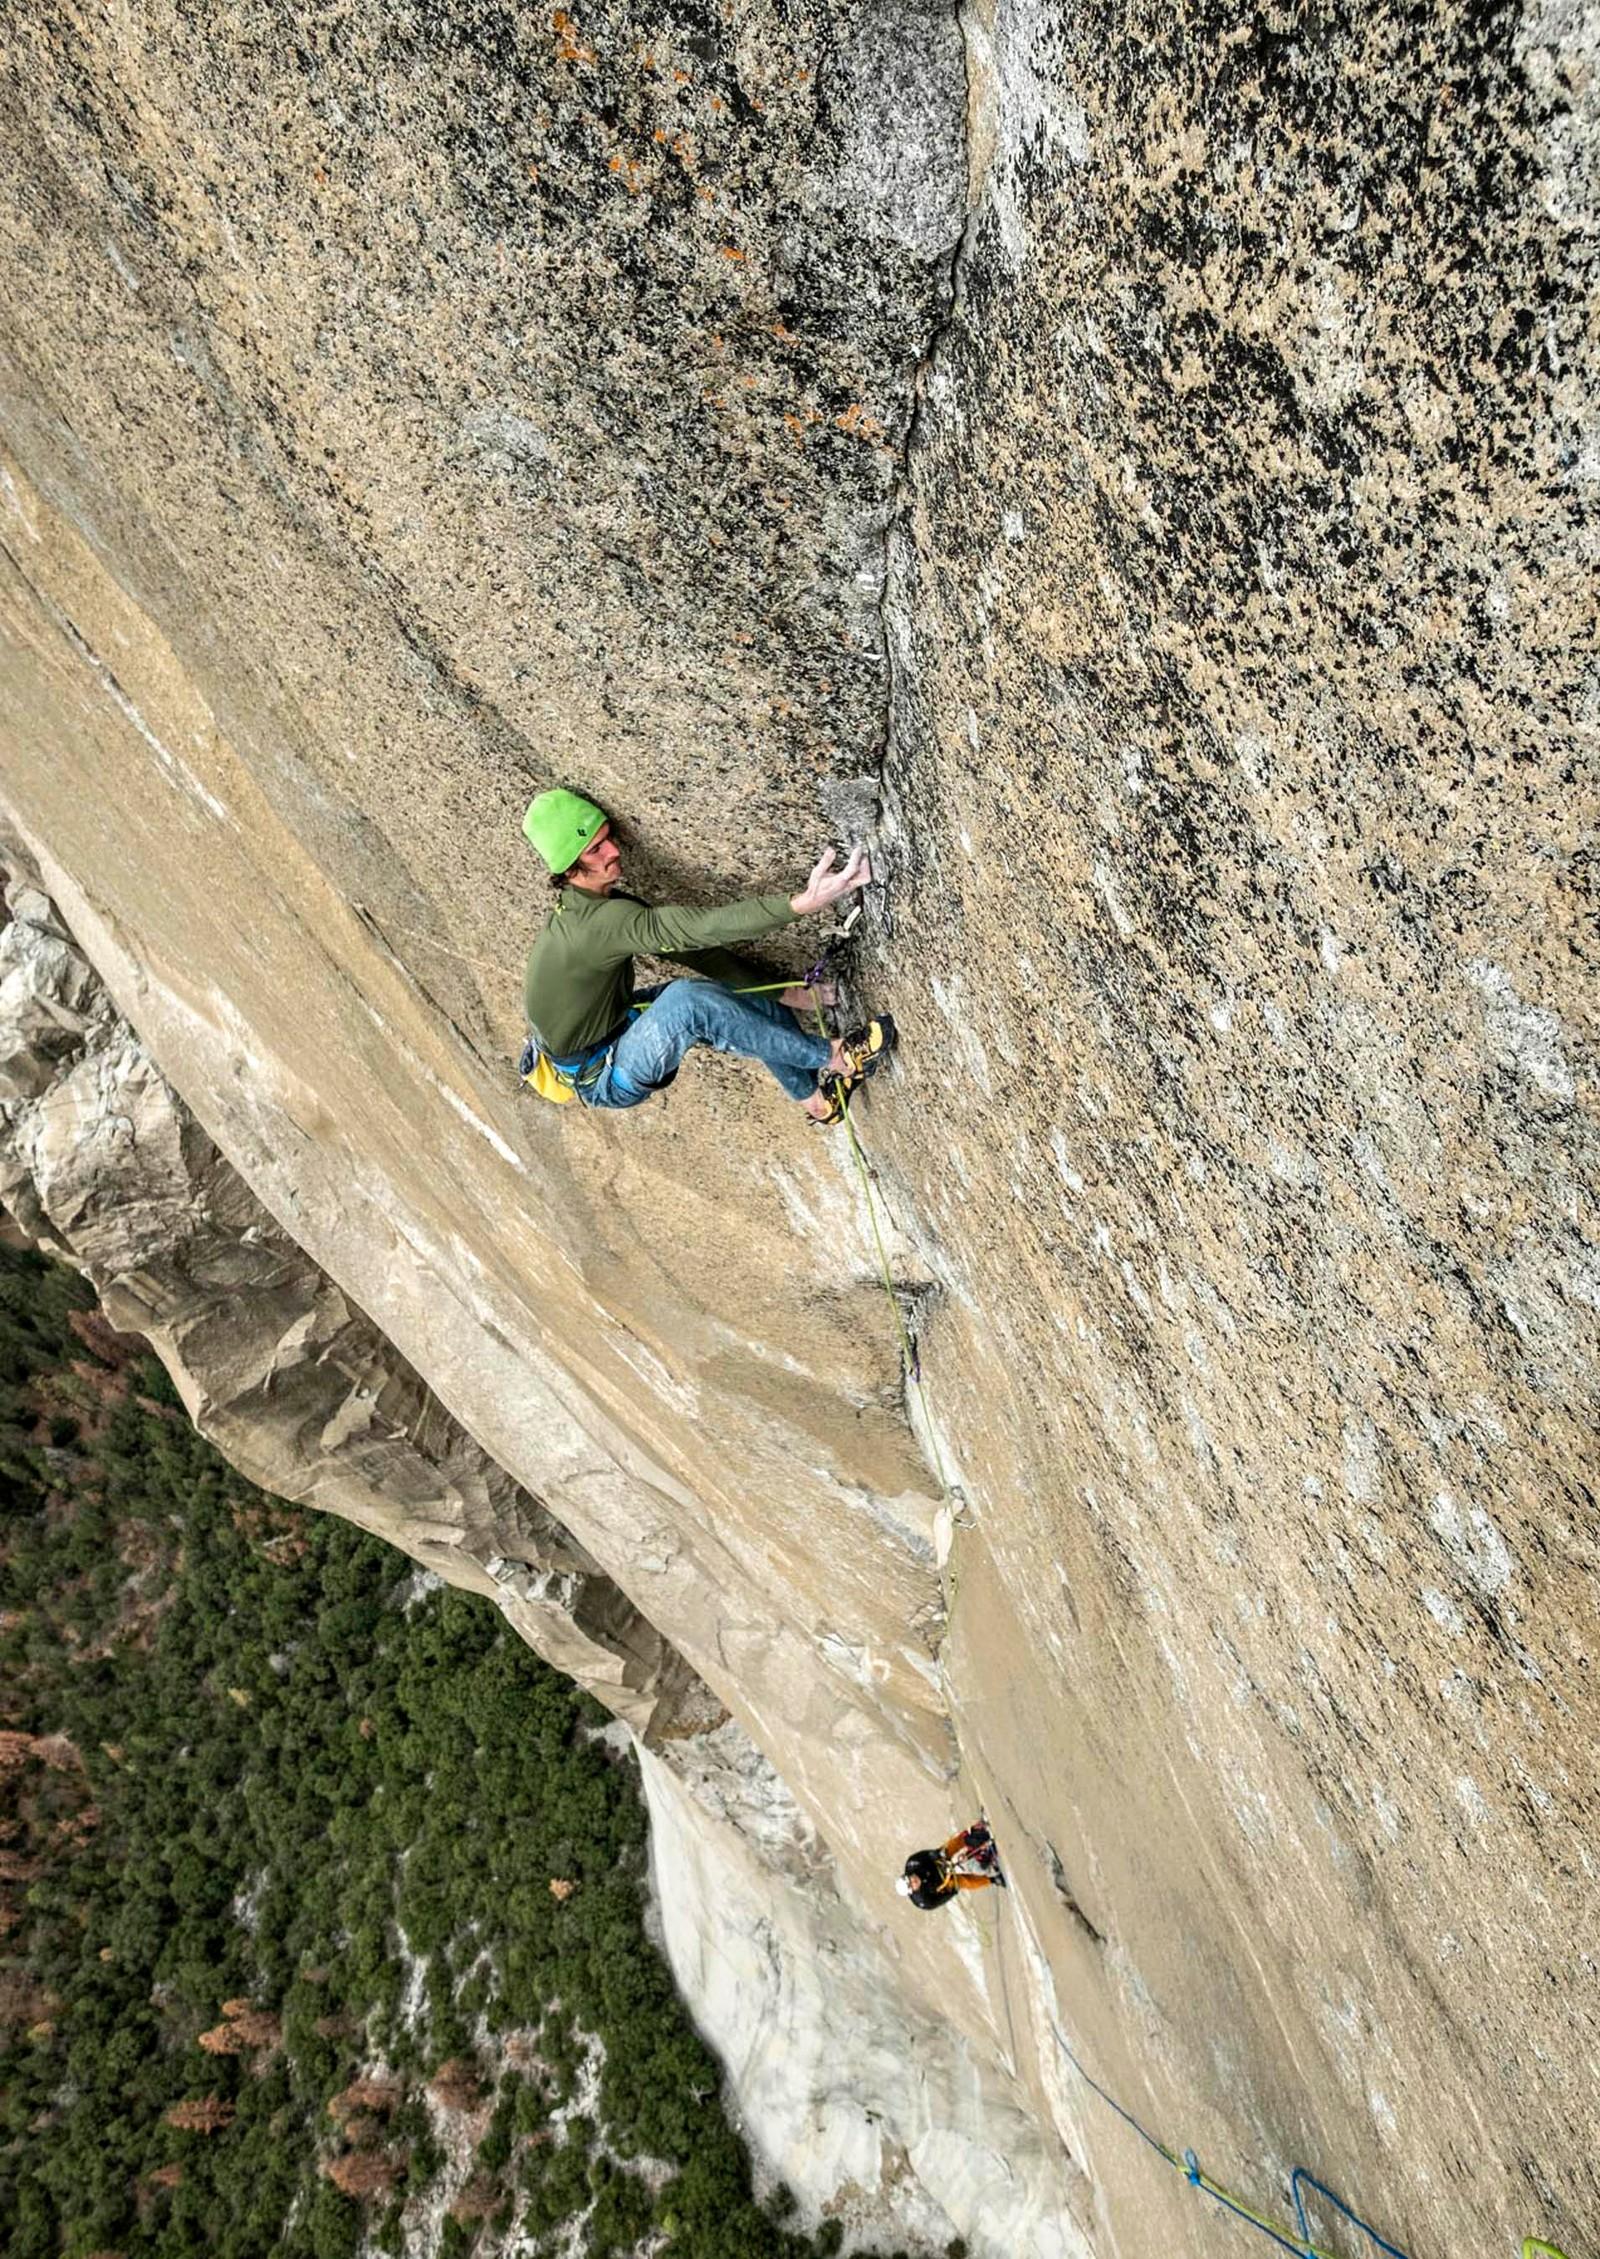 Den 23 år gamle tsjekkeren Adam Ondra brukte 8 dager på å klatre opp en av verdens mest fryktede fjellvegger, Dawn Wall i Yosemite i California. Den gamle rekorden var 19 dager. Fjellveggen er 3000 fot høy.